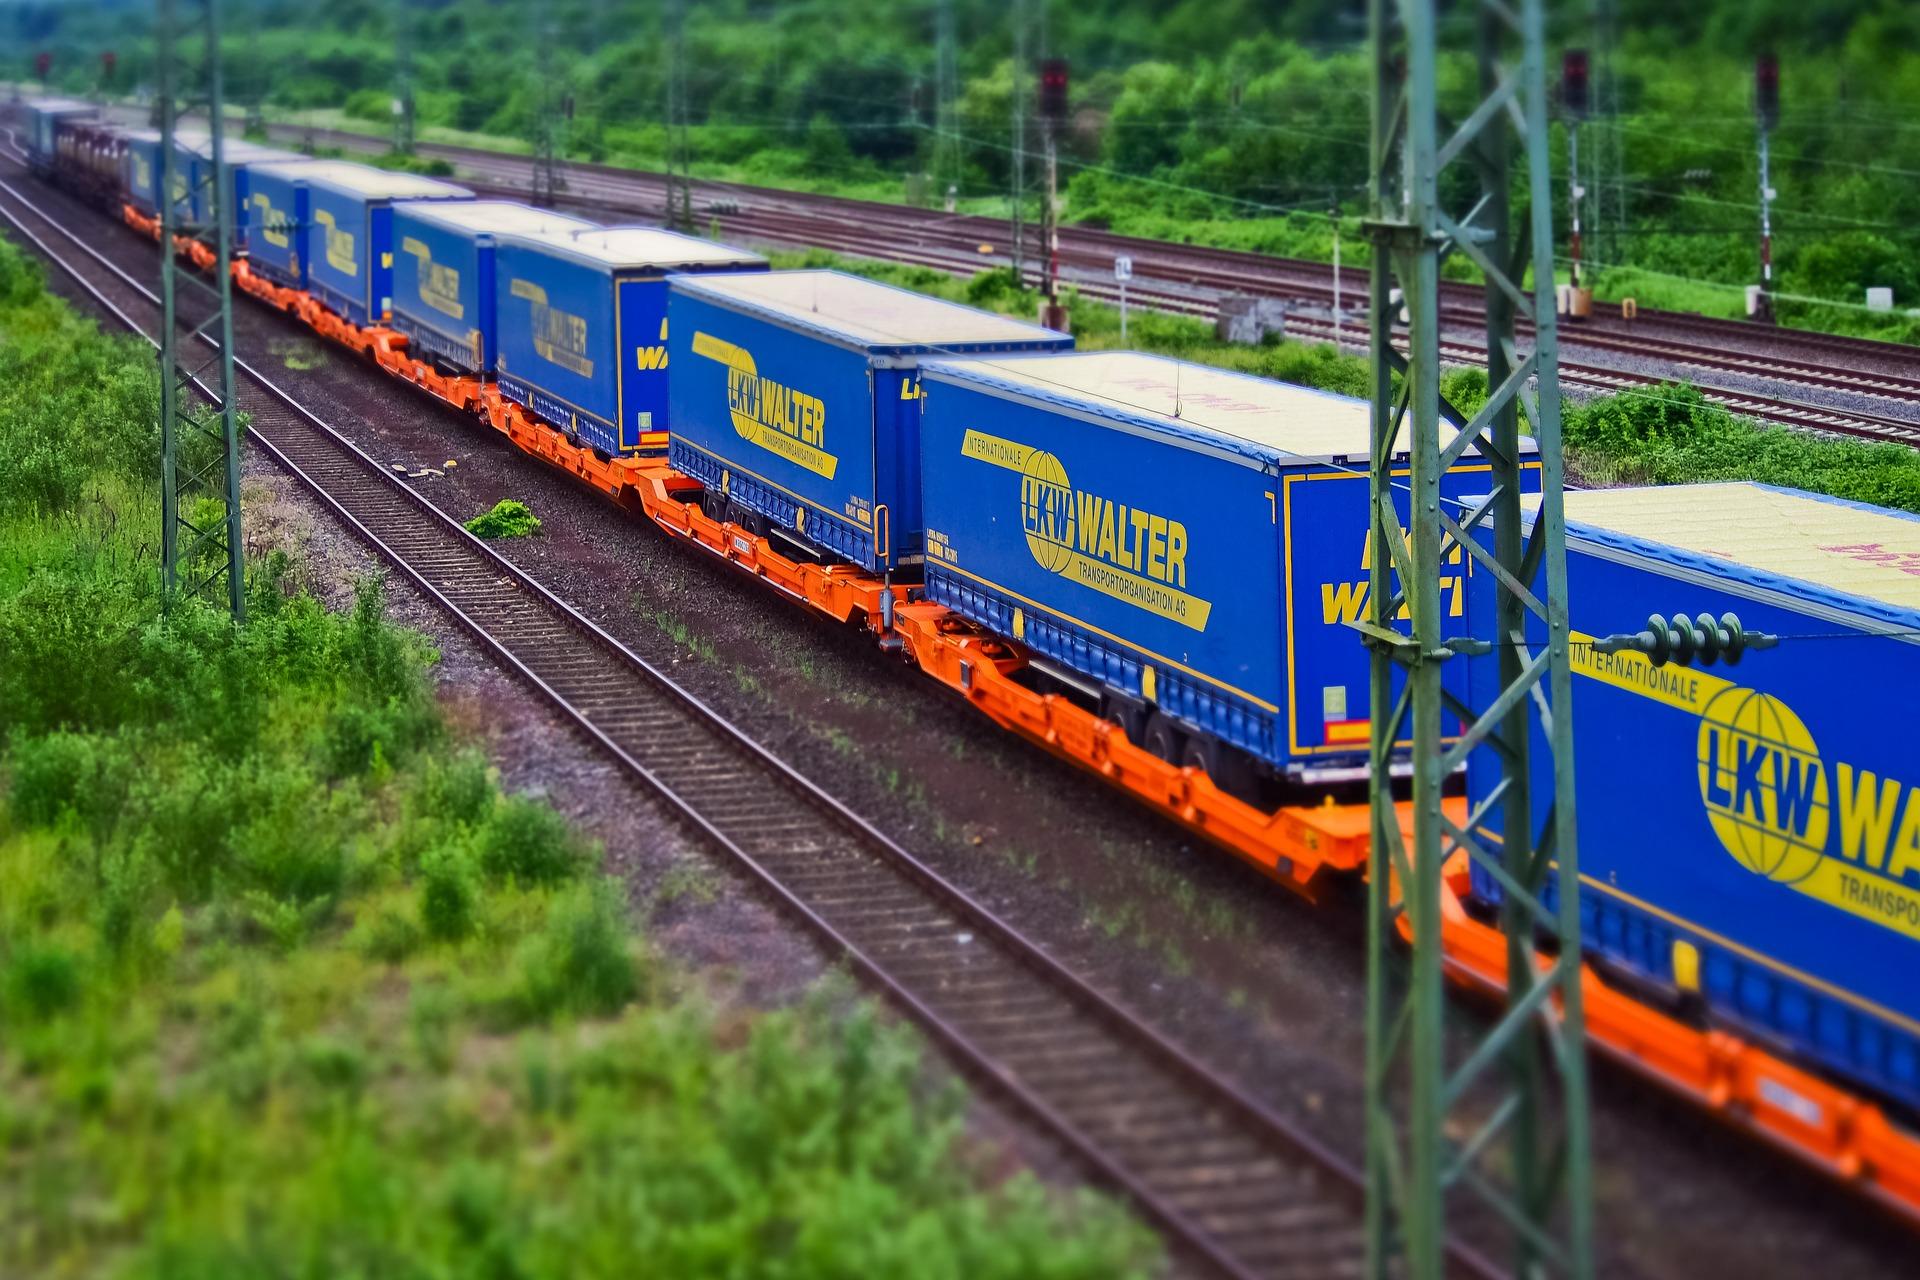 ЄБРР надає «Укрзалізниці» $150 млн на вагони